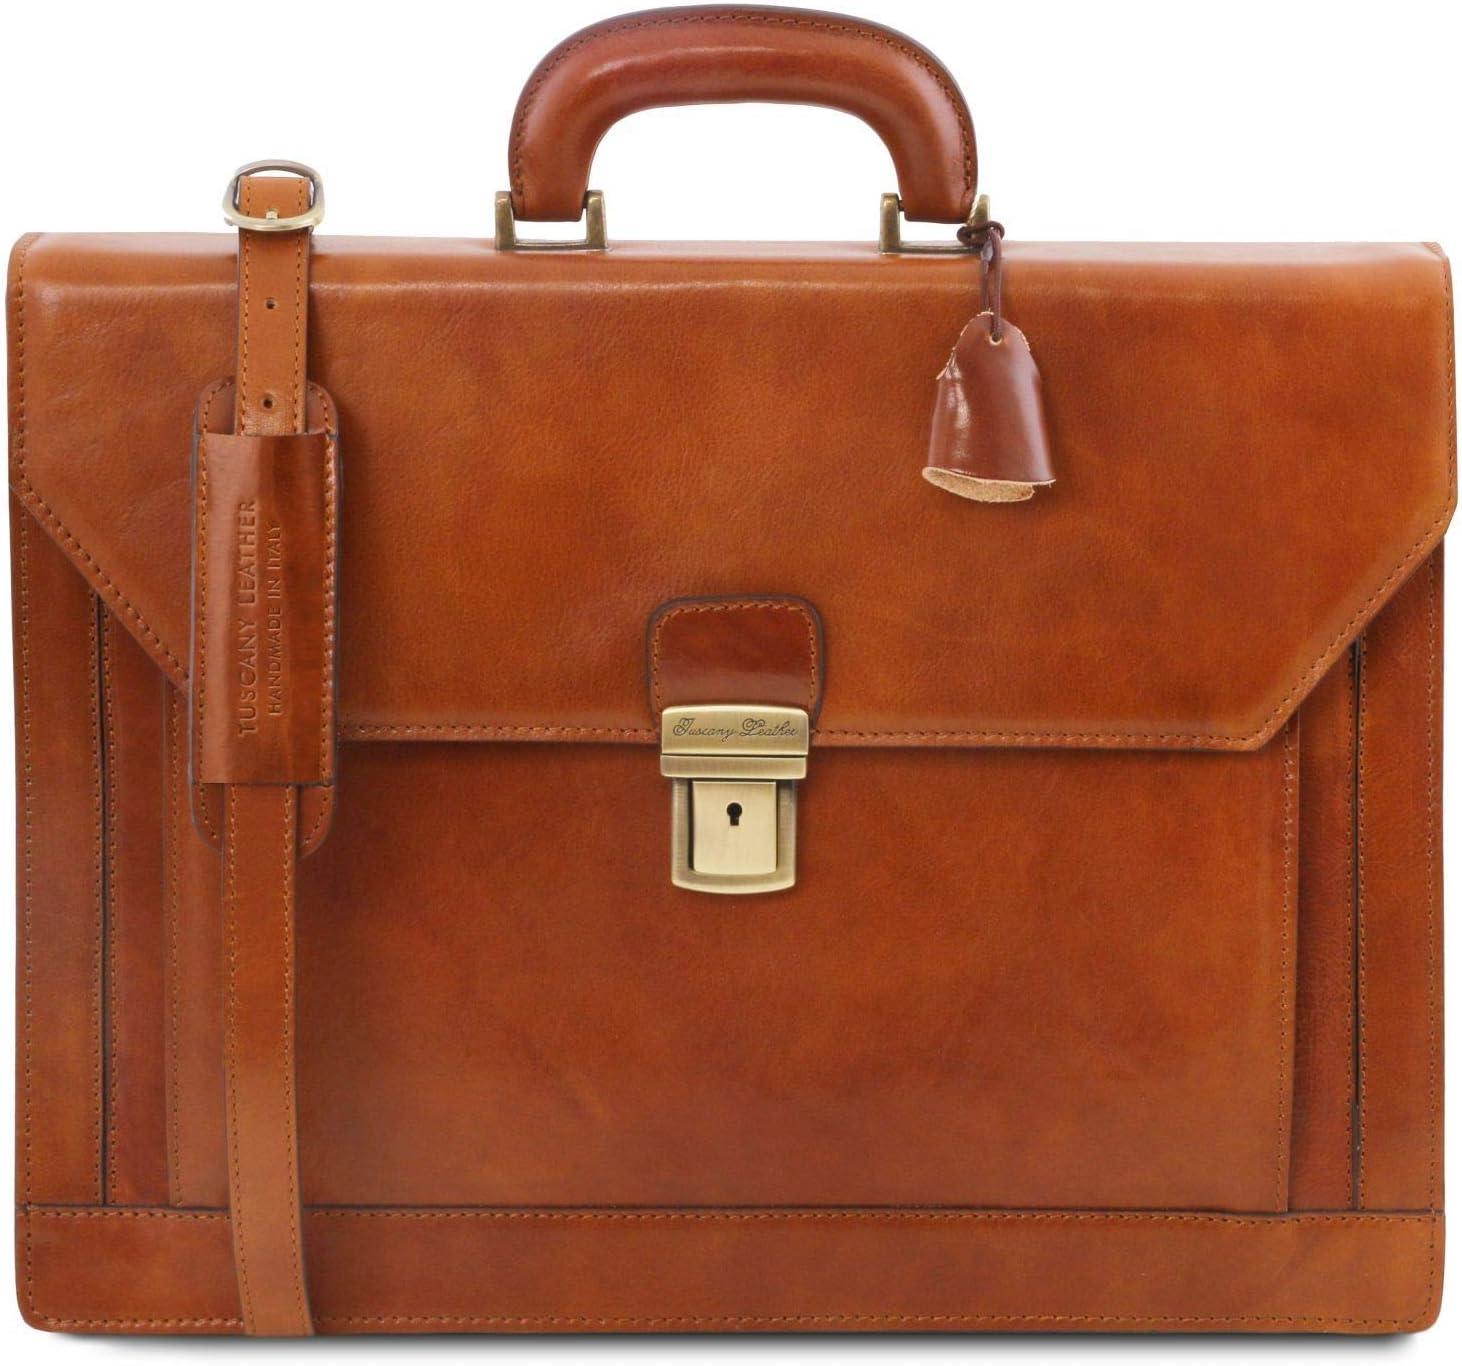 Tuscany Leather - Roma - Porta Folios en Piel con 3 Compartimentos Miel - TL141349/3 Miel